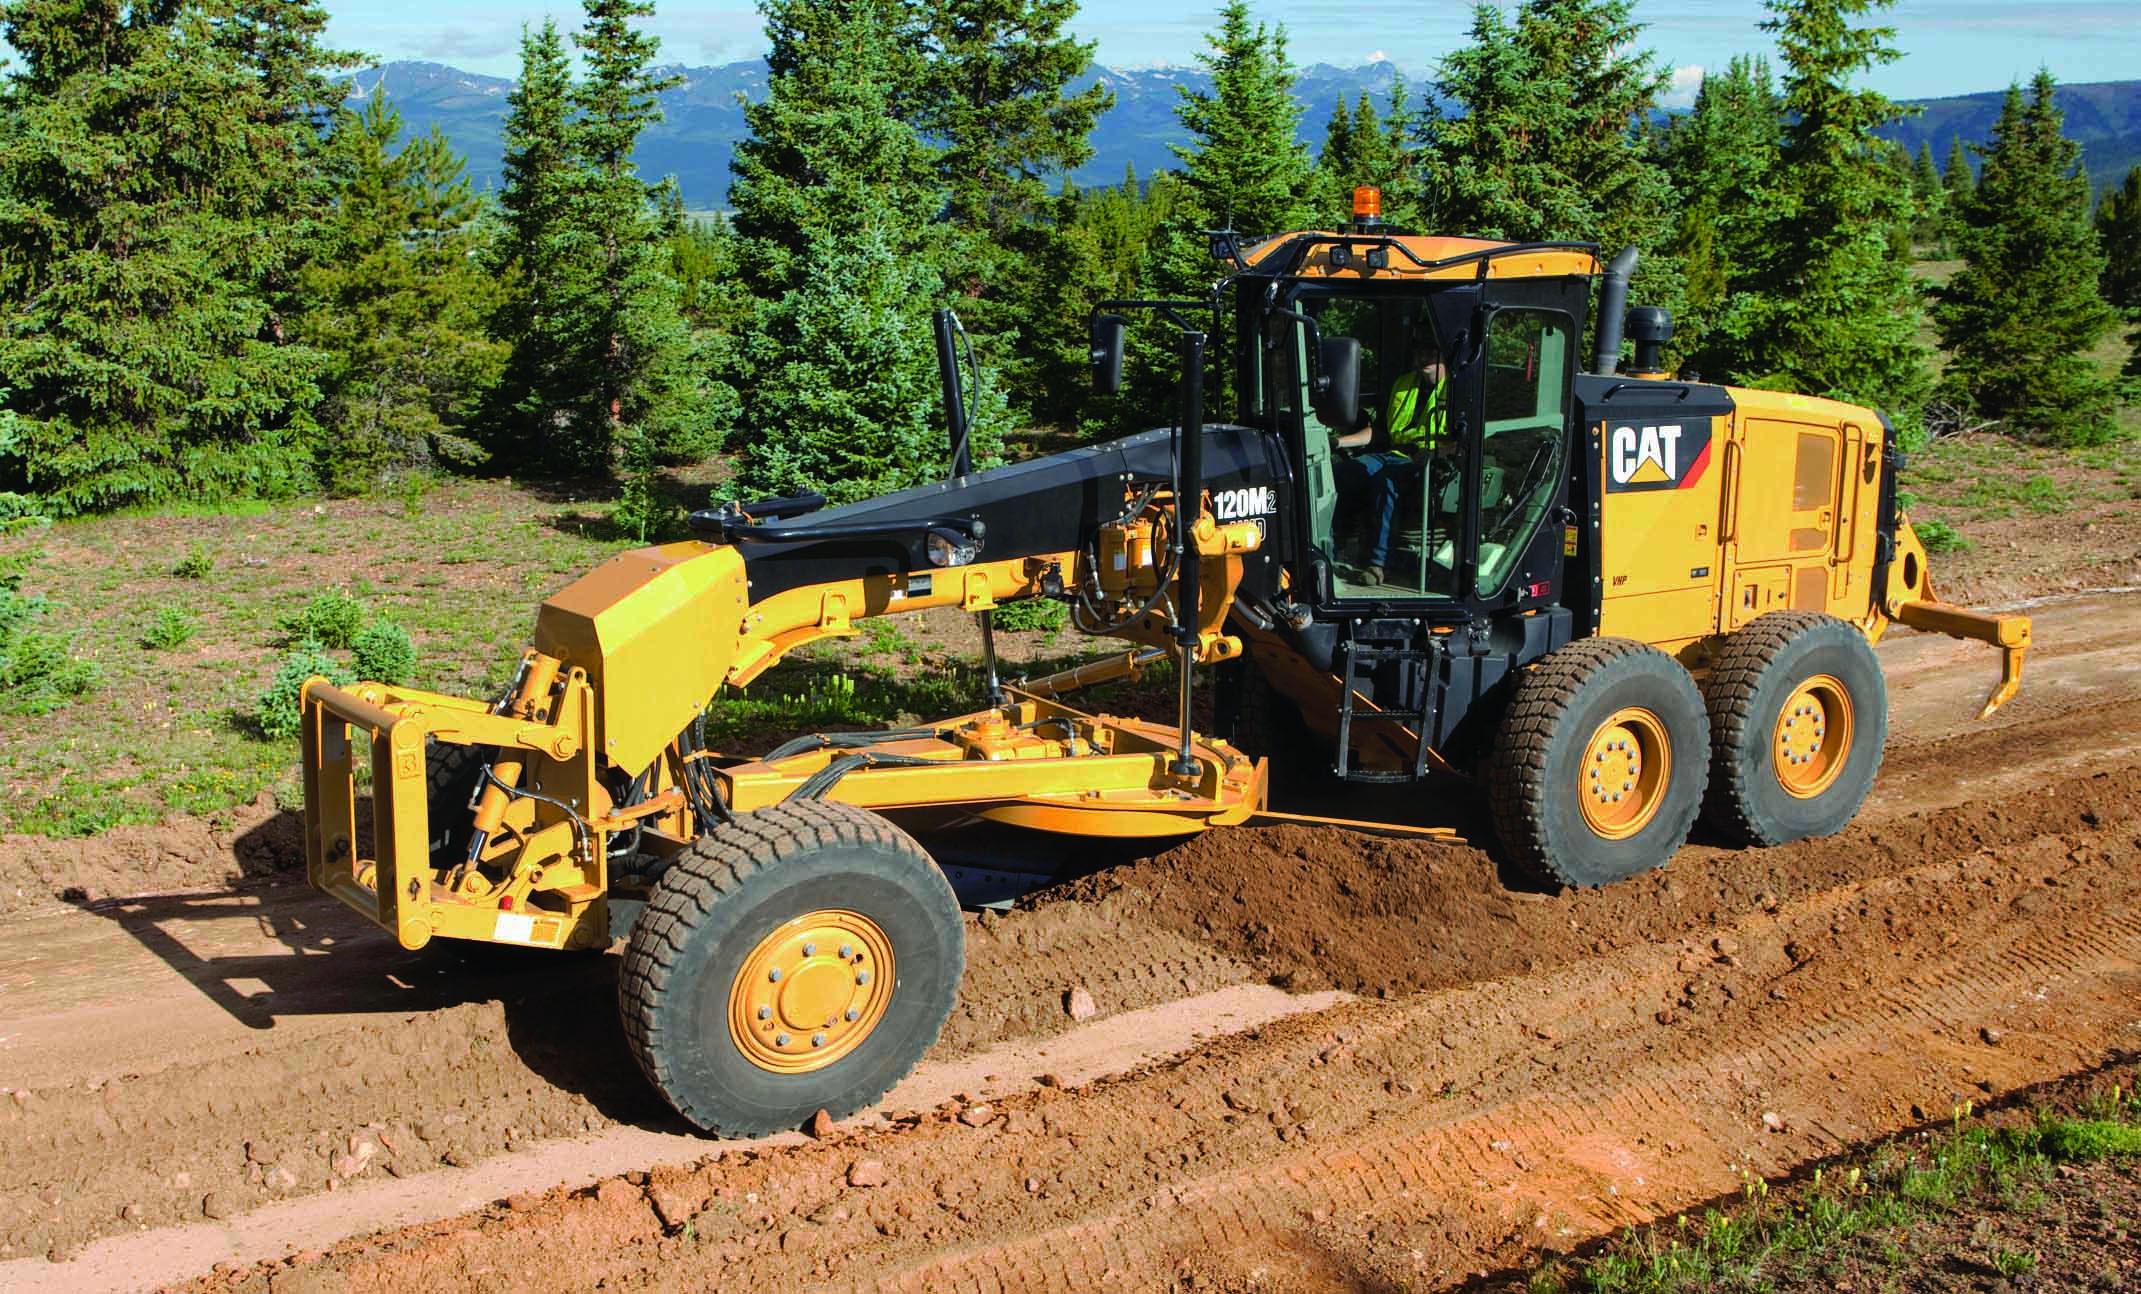 Cat Equipment 14 120M2